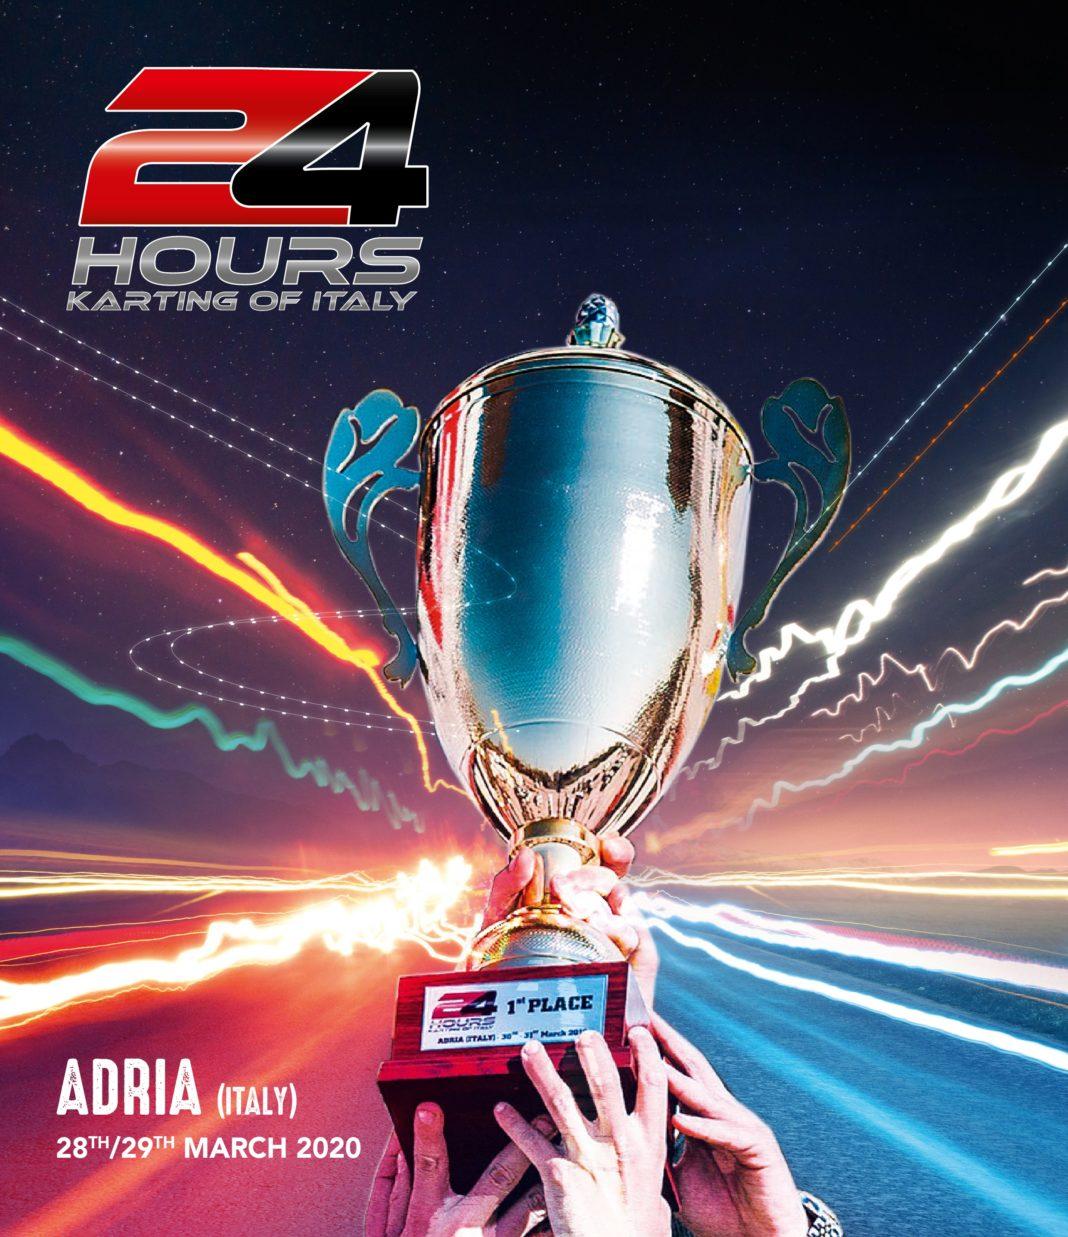 Ufficiale: La 24h Karting di CRG si svolgerà ad Adia il 17-18 ottobre